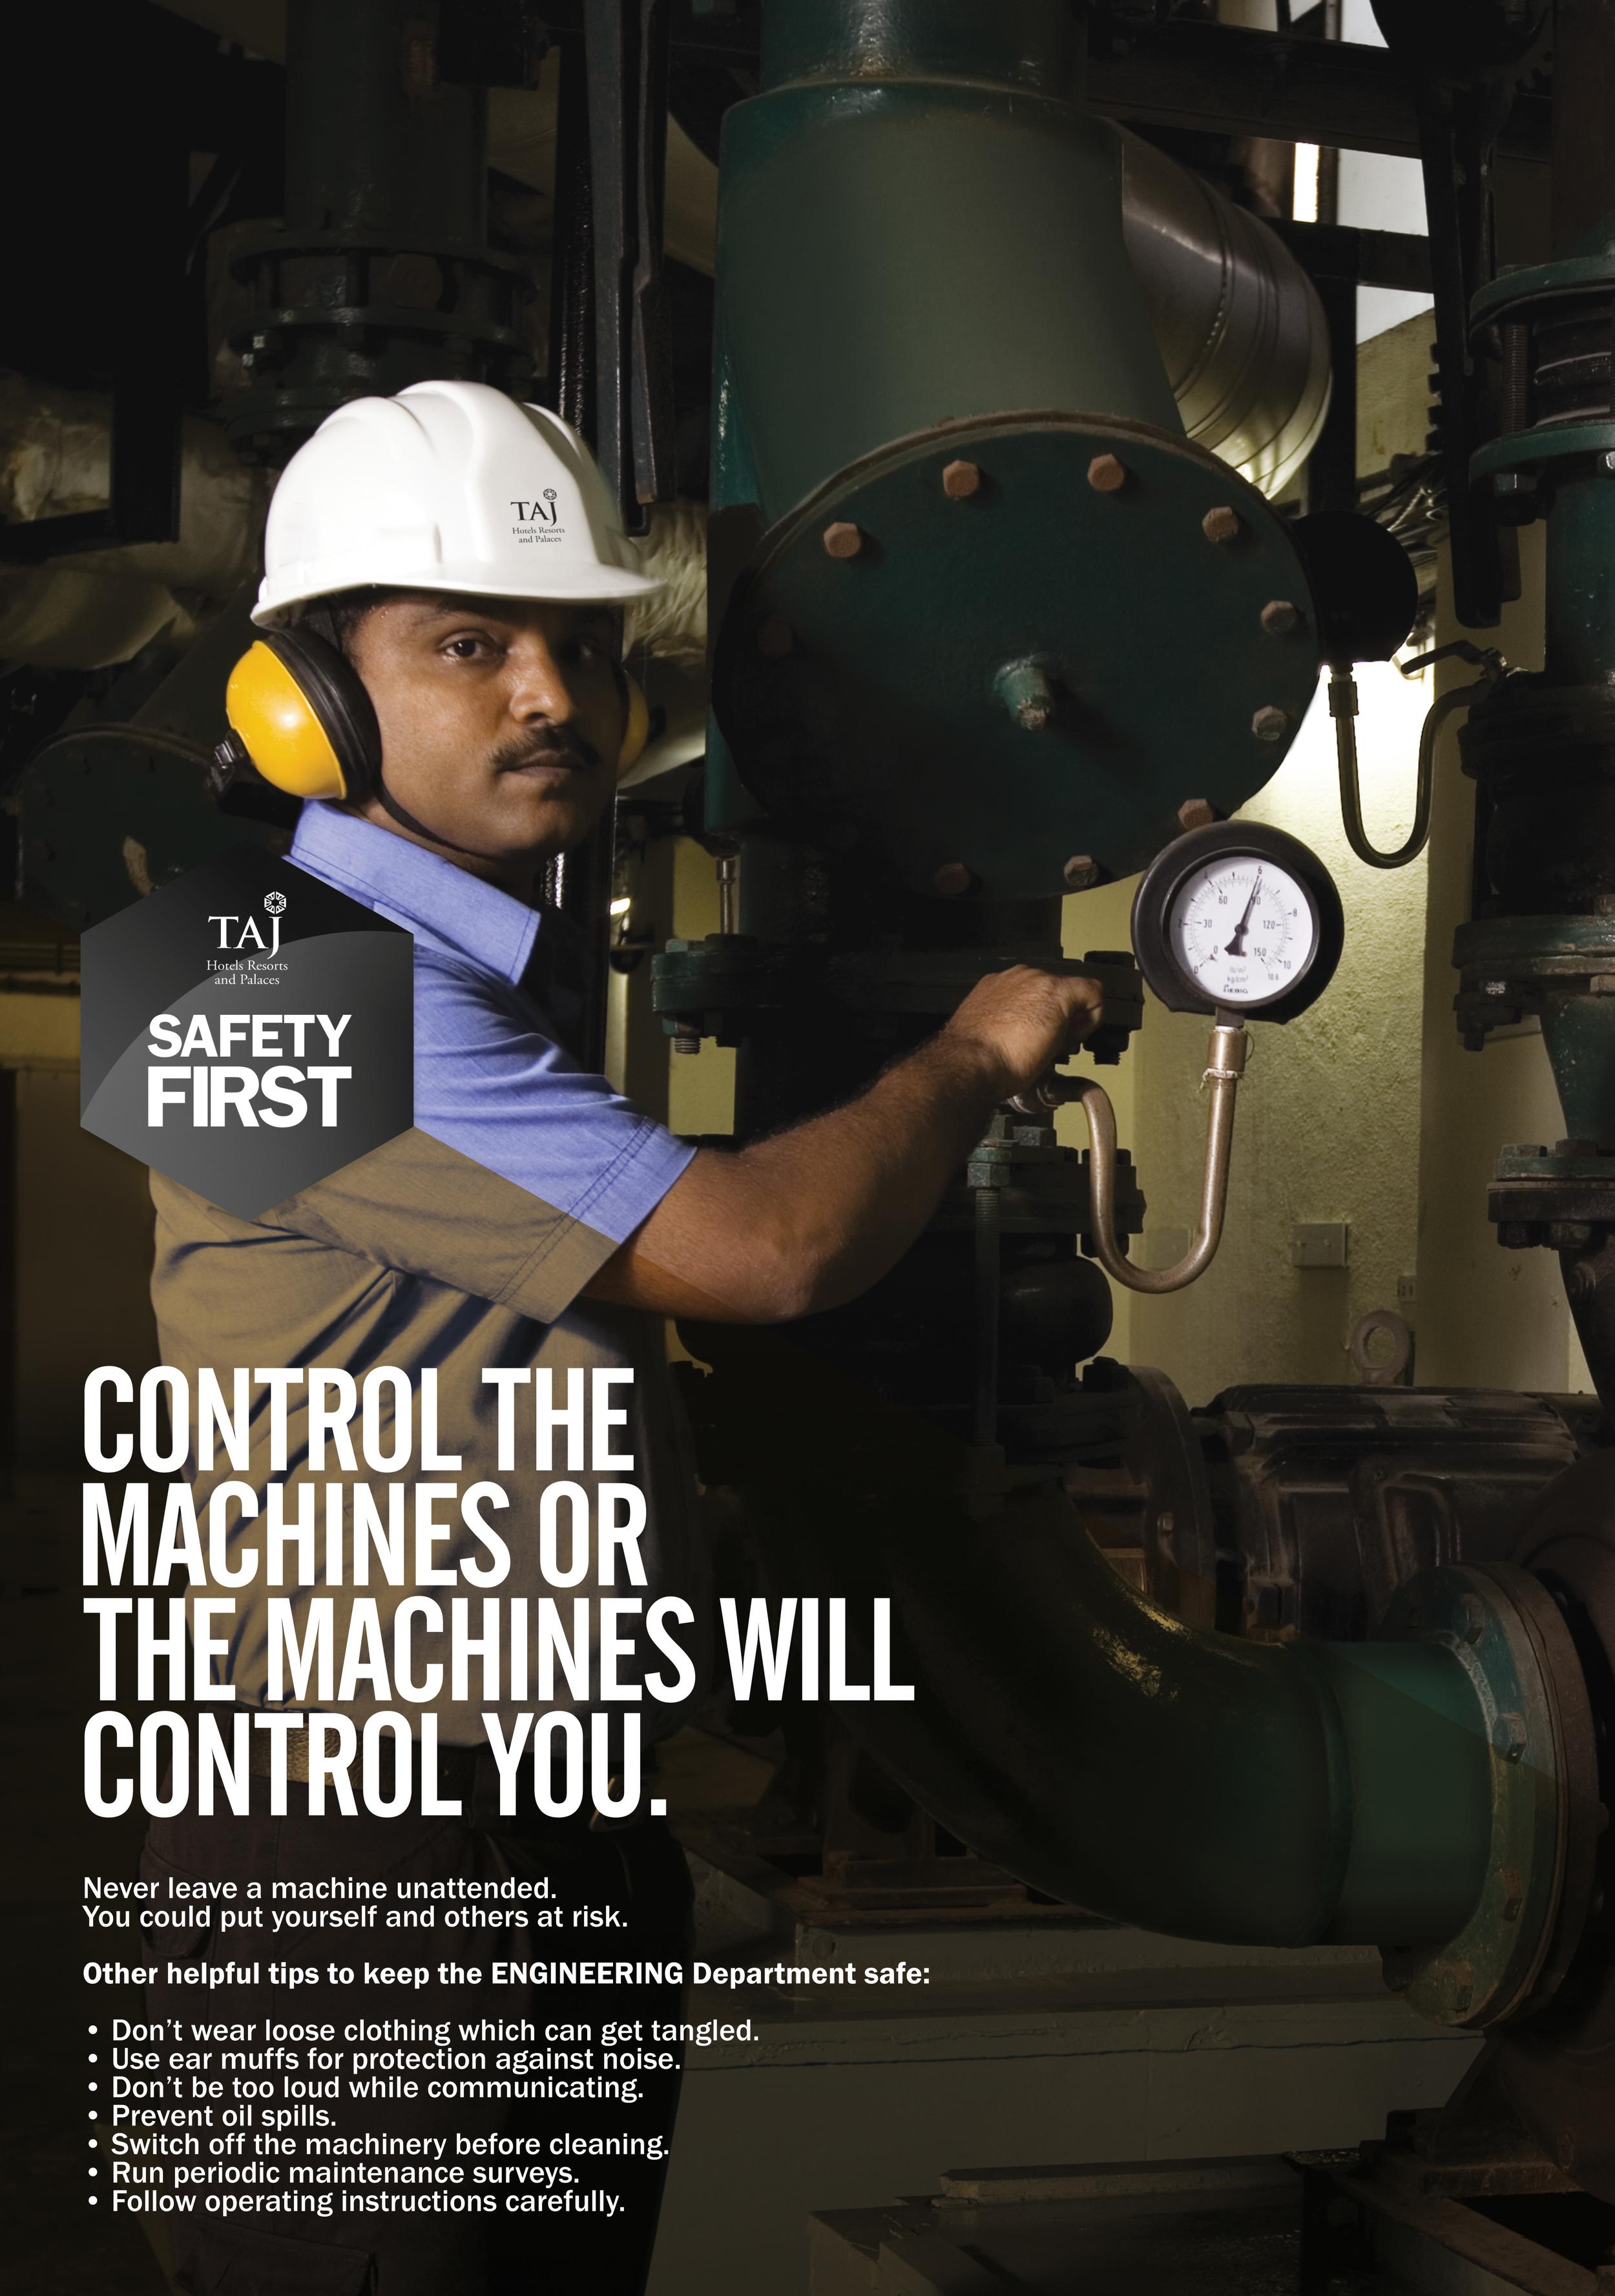 Safety Poster 02_hi-res.jpg